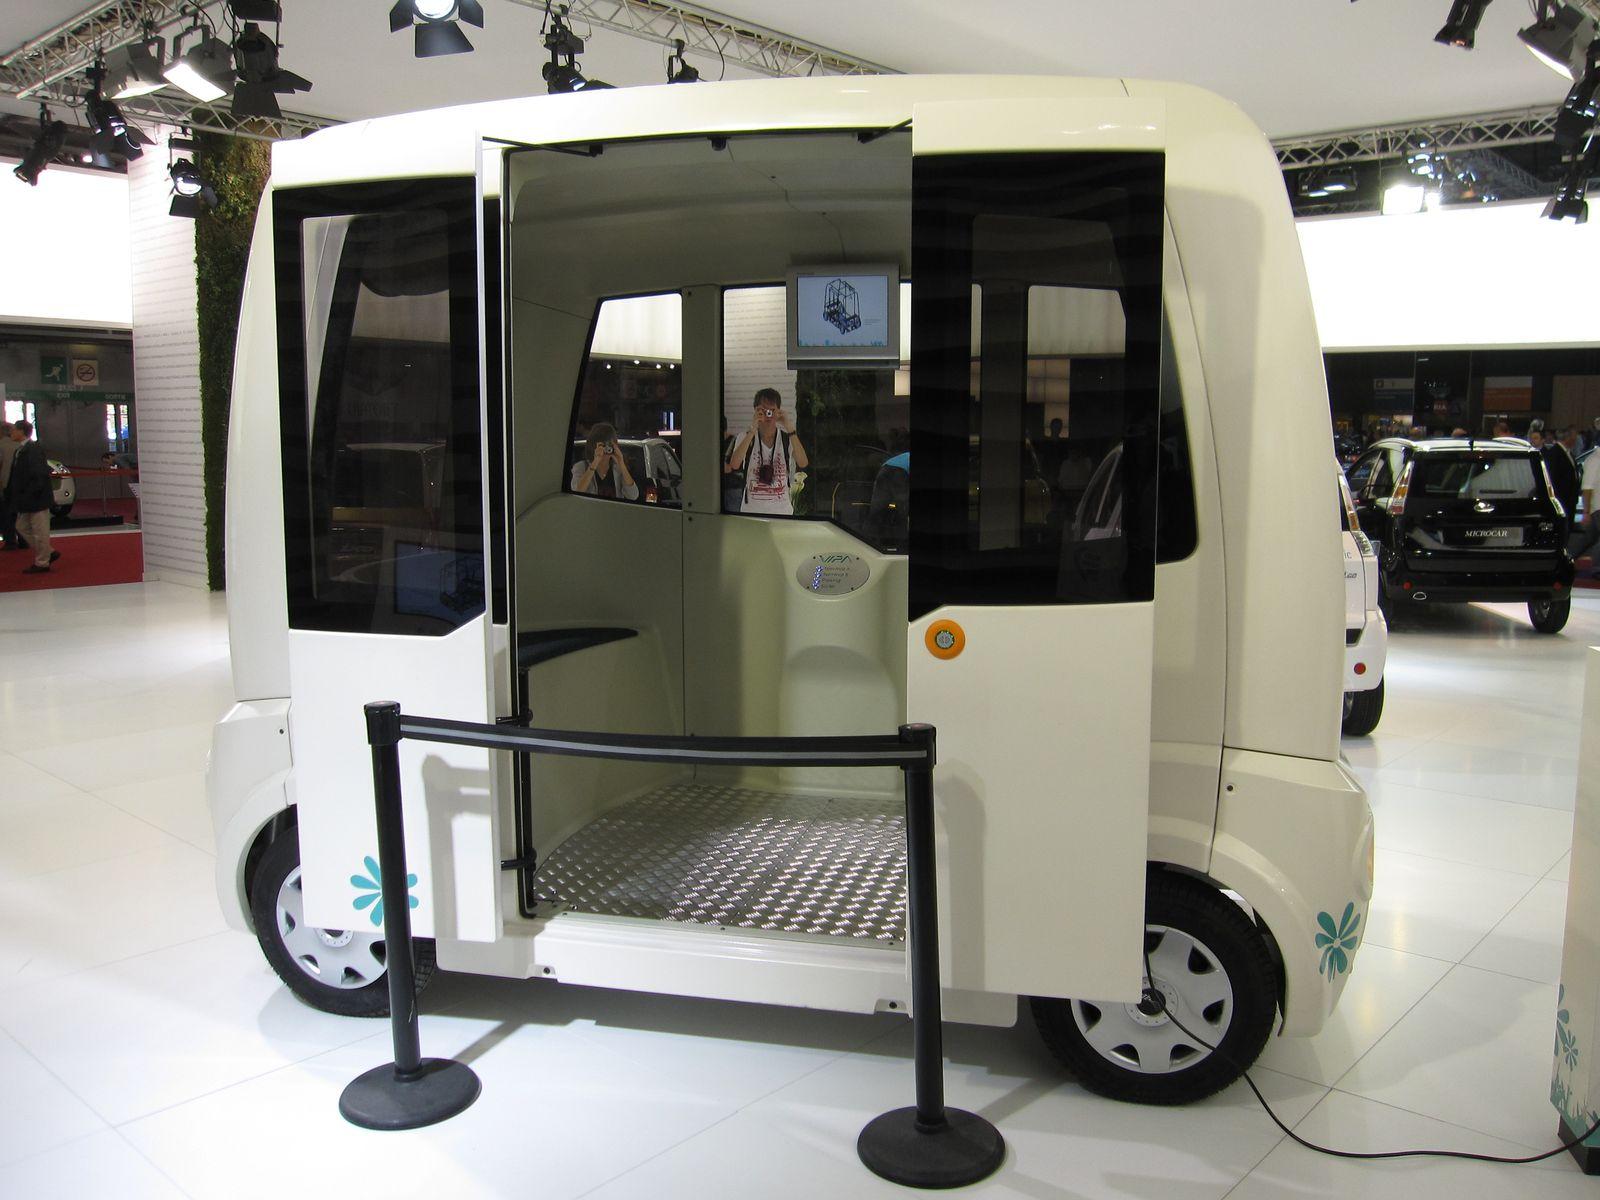 en direct du mondial de paris le vipa v hicule lectrique de transport de passagers autonome. Black Bedroom Furniture Sets. Home Design Ideas